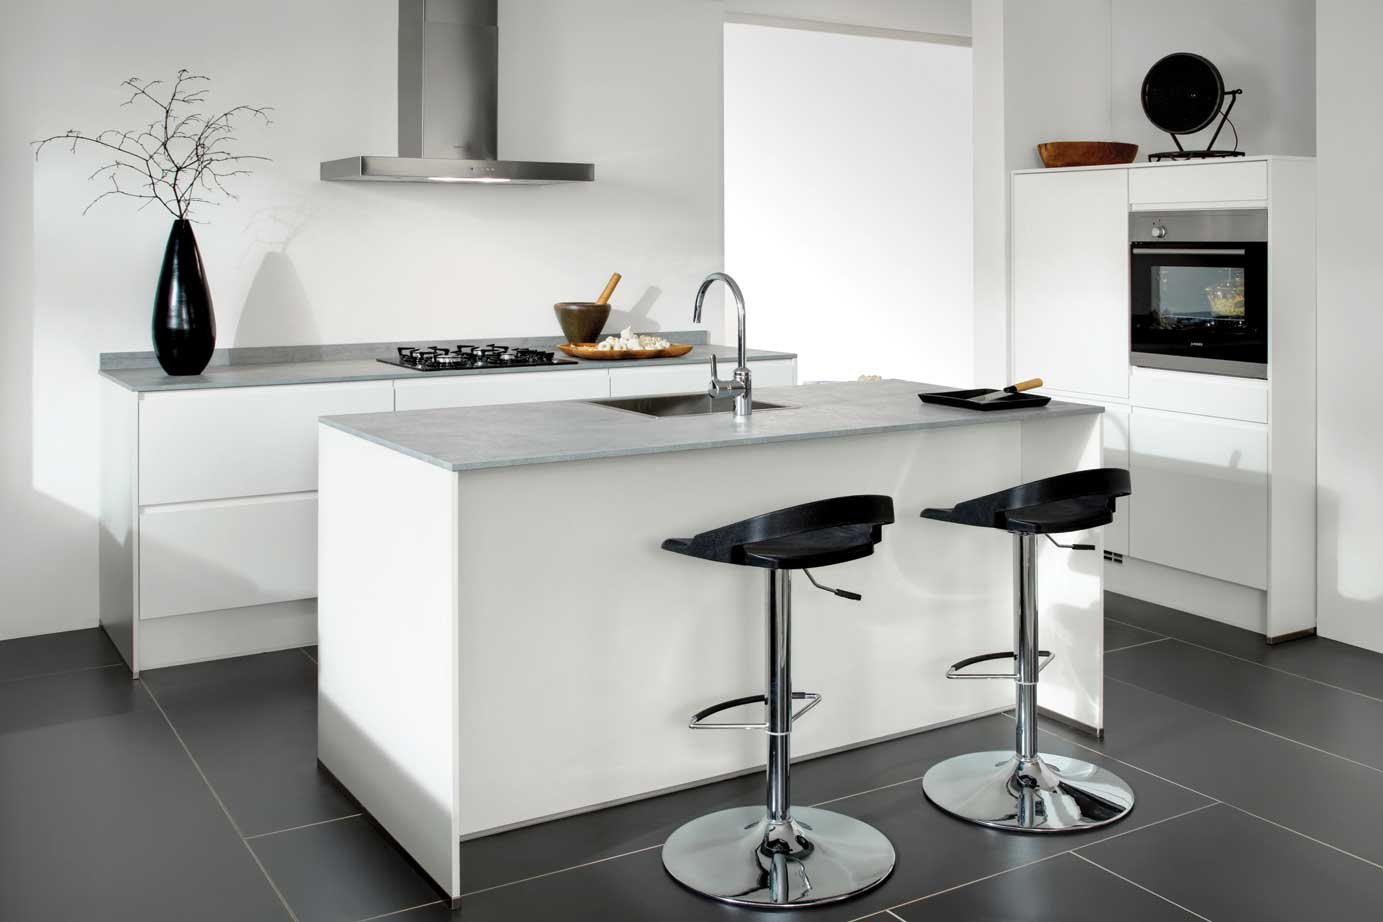 Keuken Moderne Klein : Kleine keuken laat je inspireren door voorbeelden db keukens